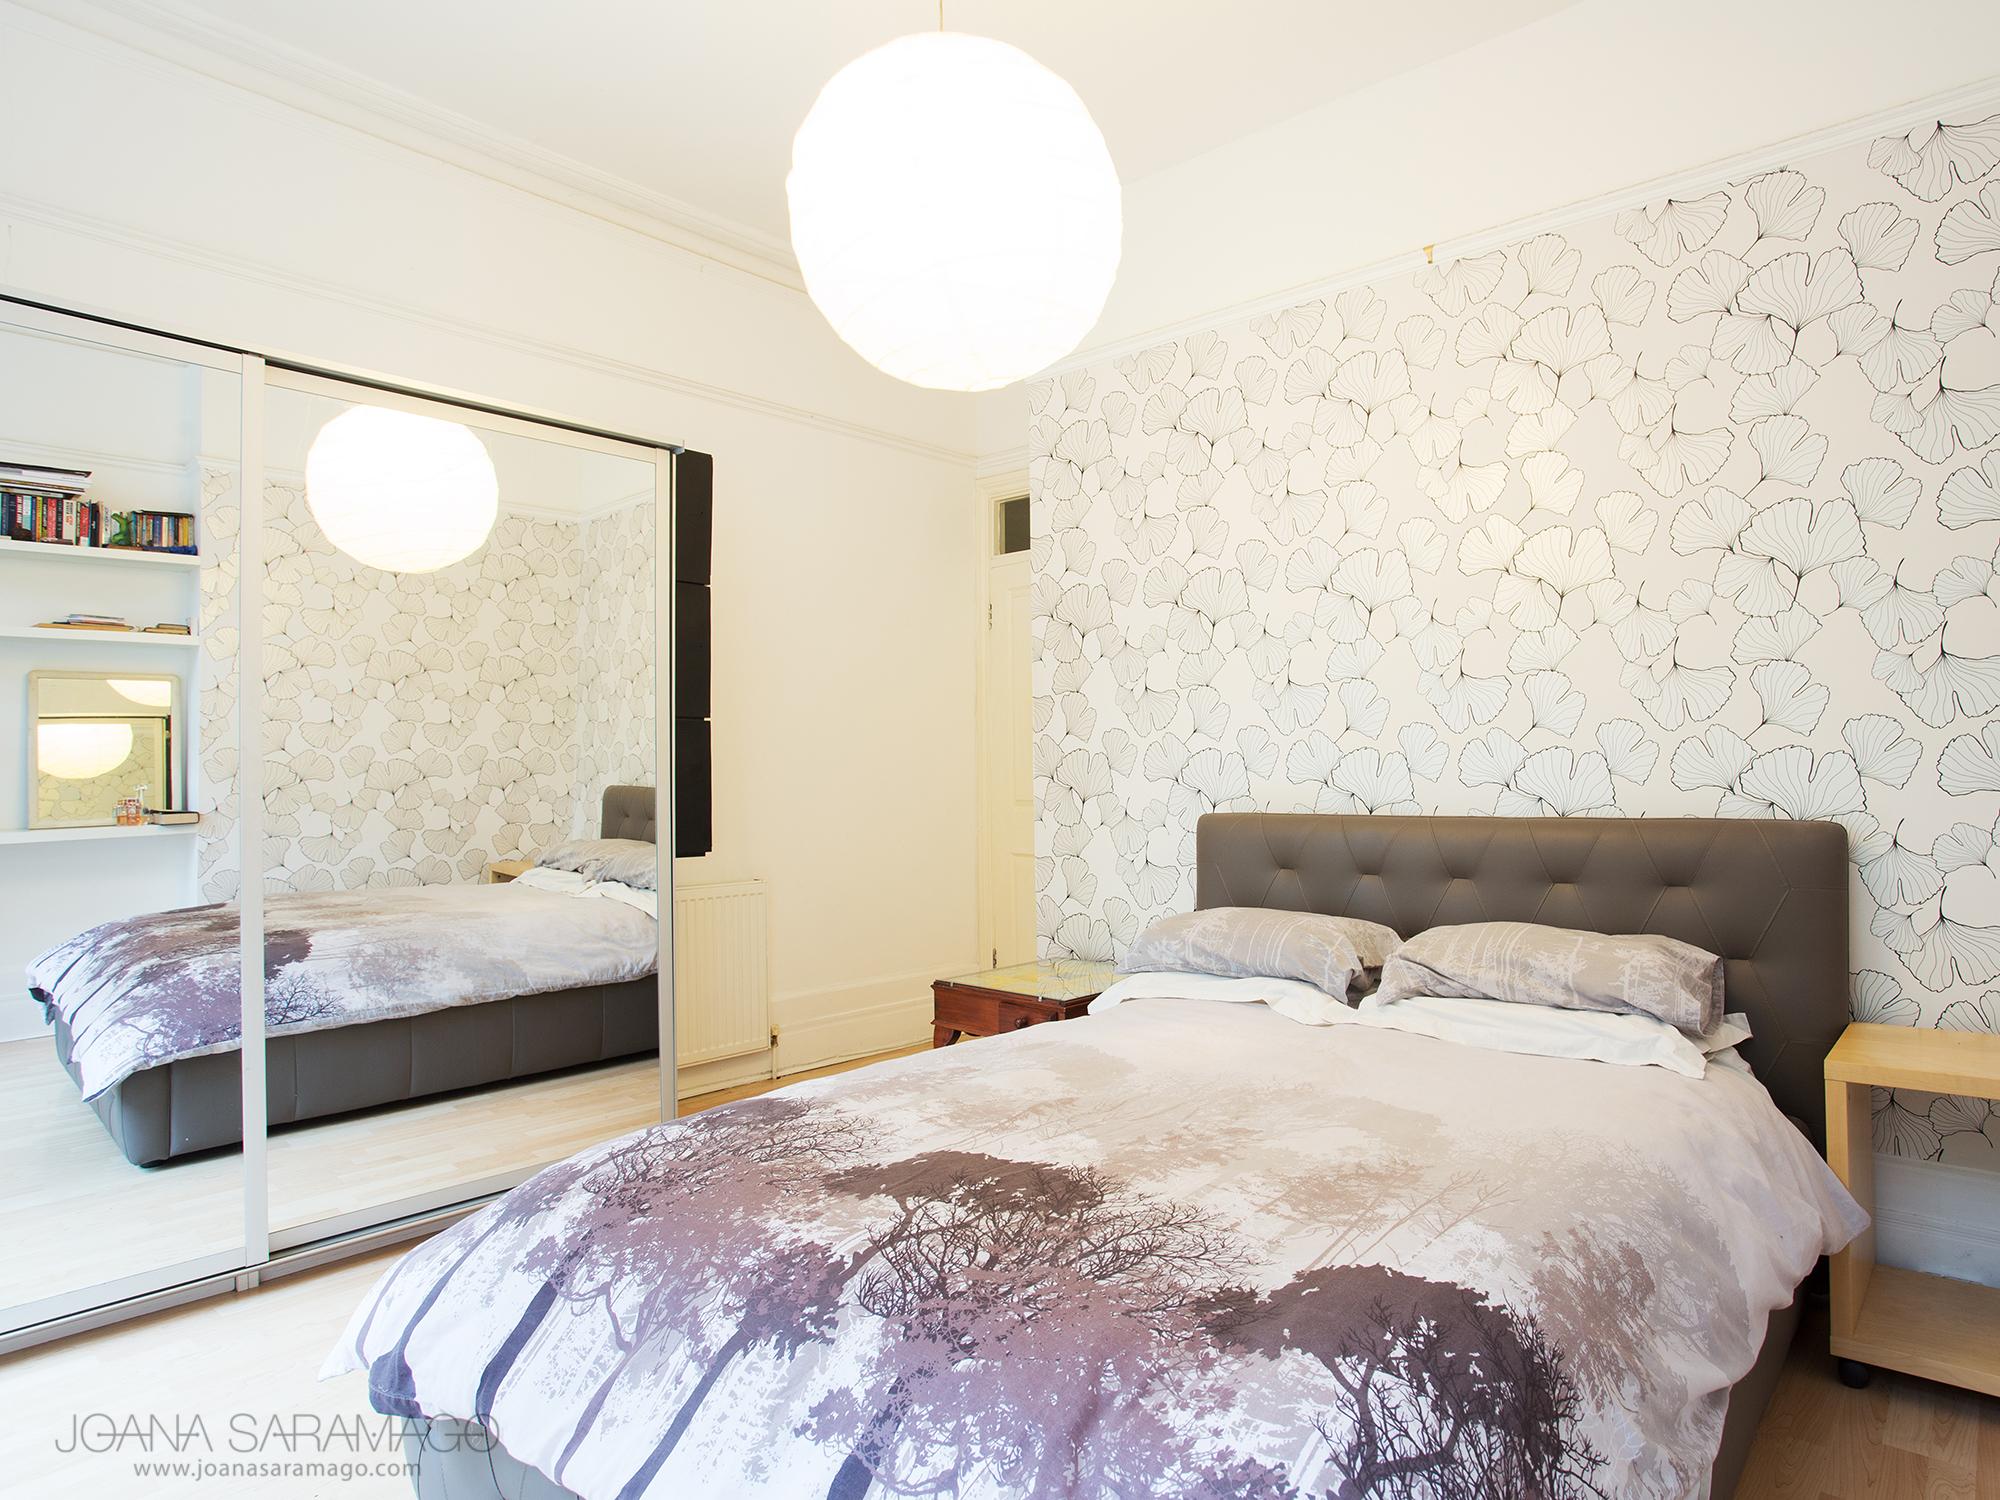 bedroom_02_joanasaramago_k.jpg